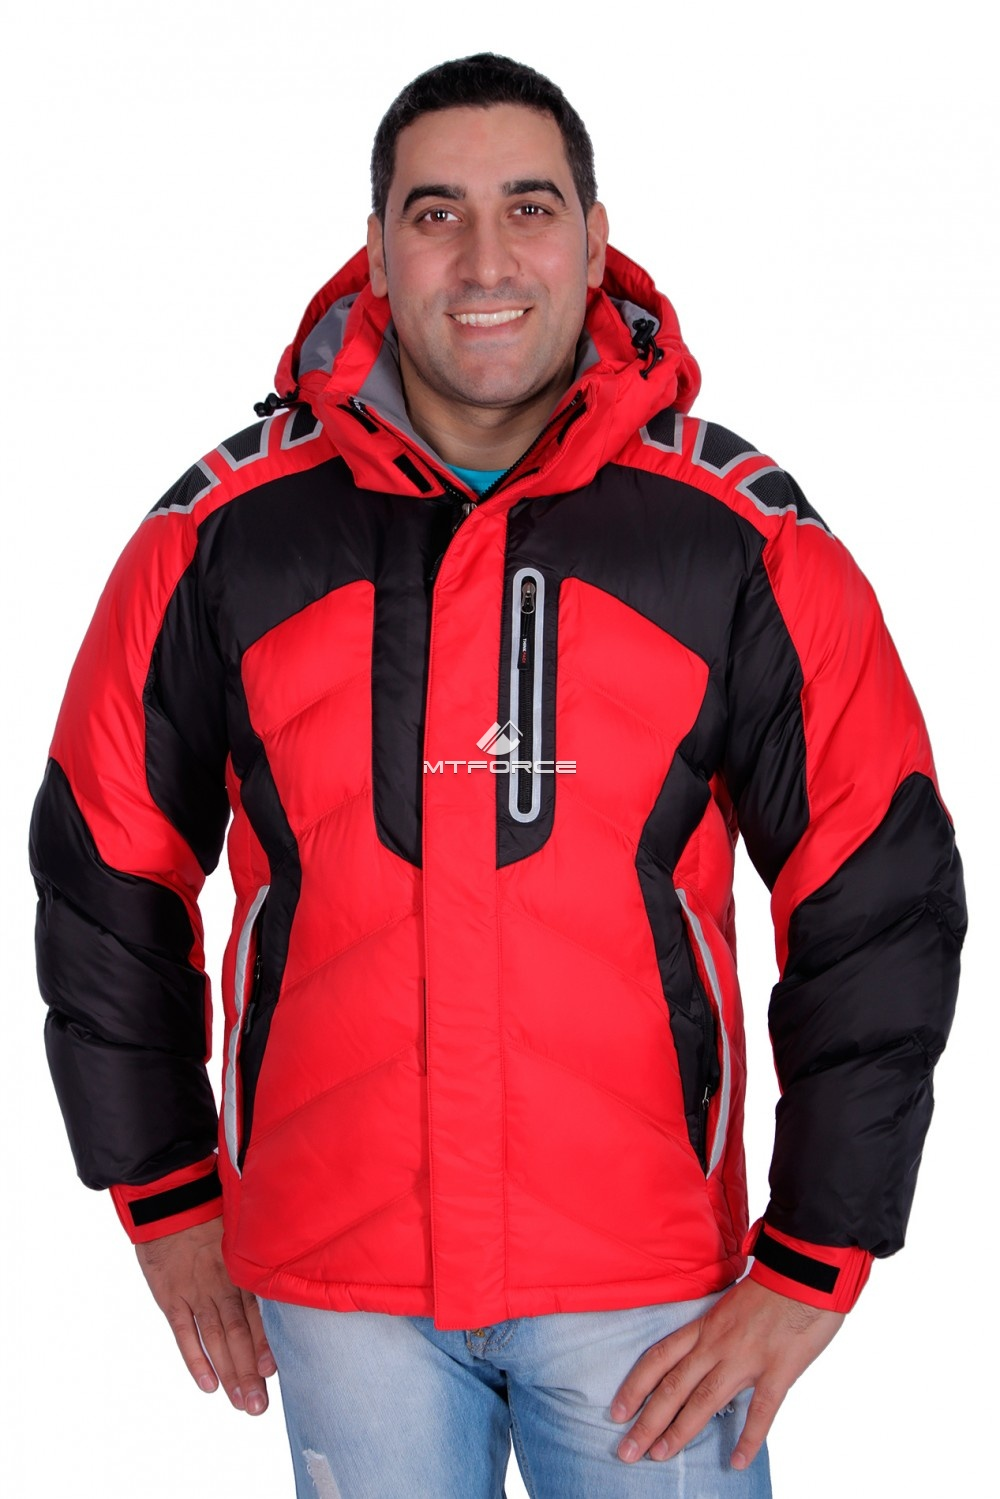 d7eb0e5ec Купить оптом мужскую зимнюю спортивную куртку красного цвета в ...